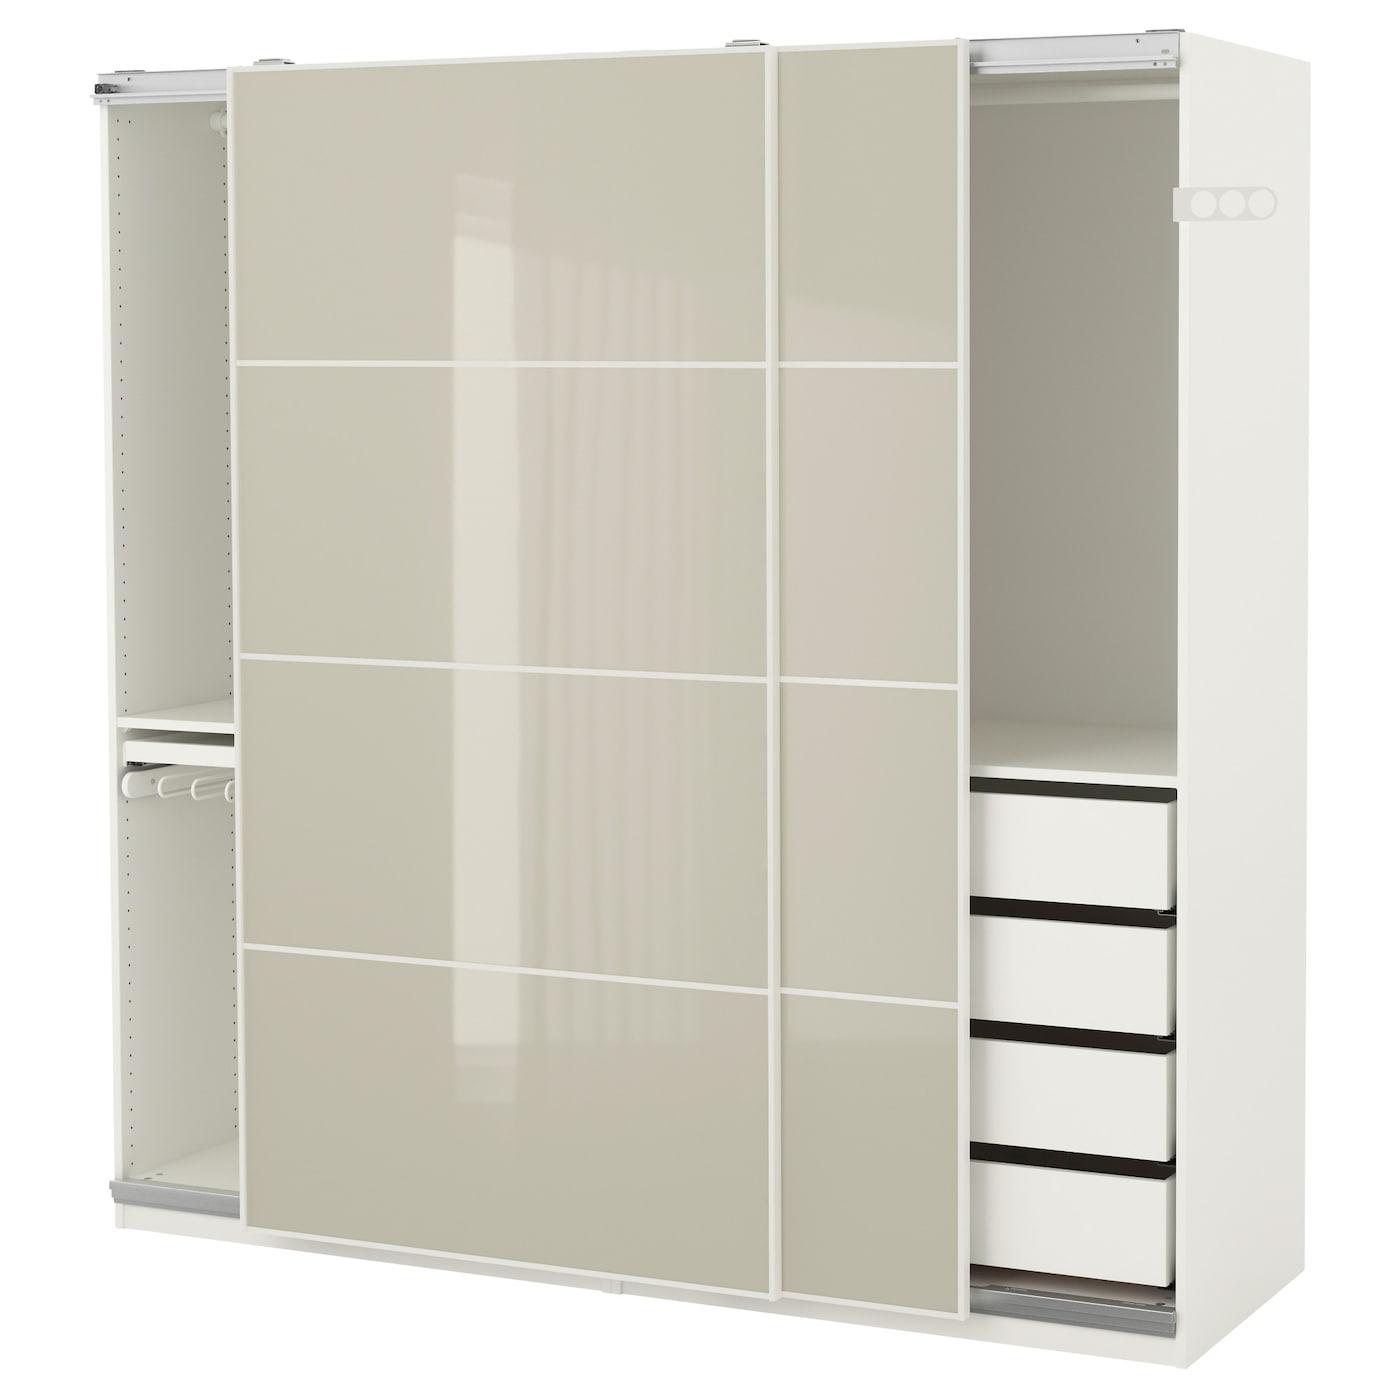 Pax wardrobe white hokksund high gloss light beige for Garderobe 30 cm